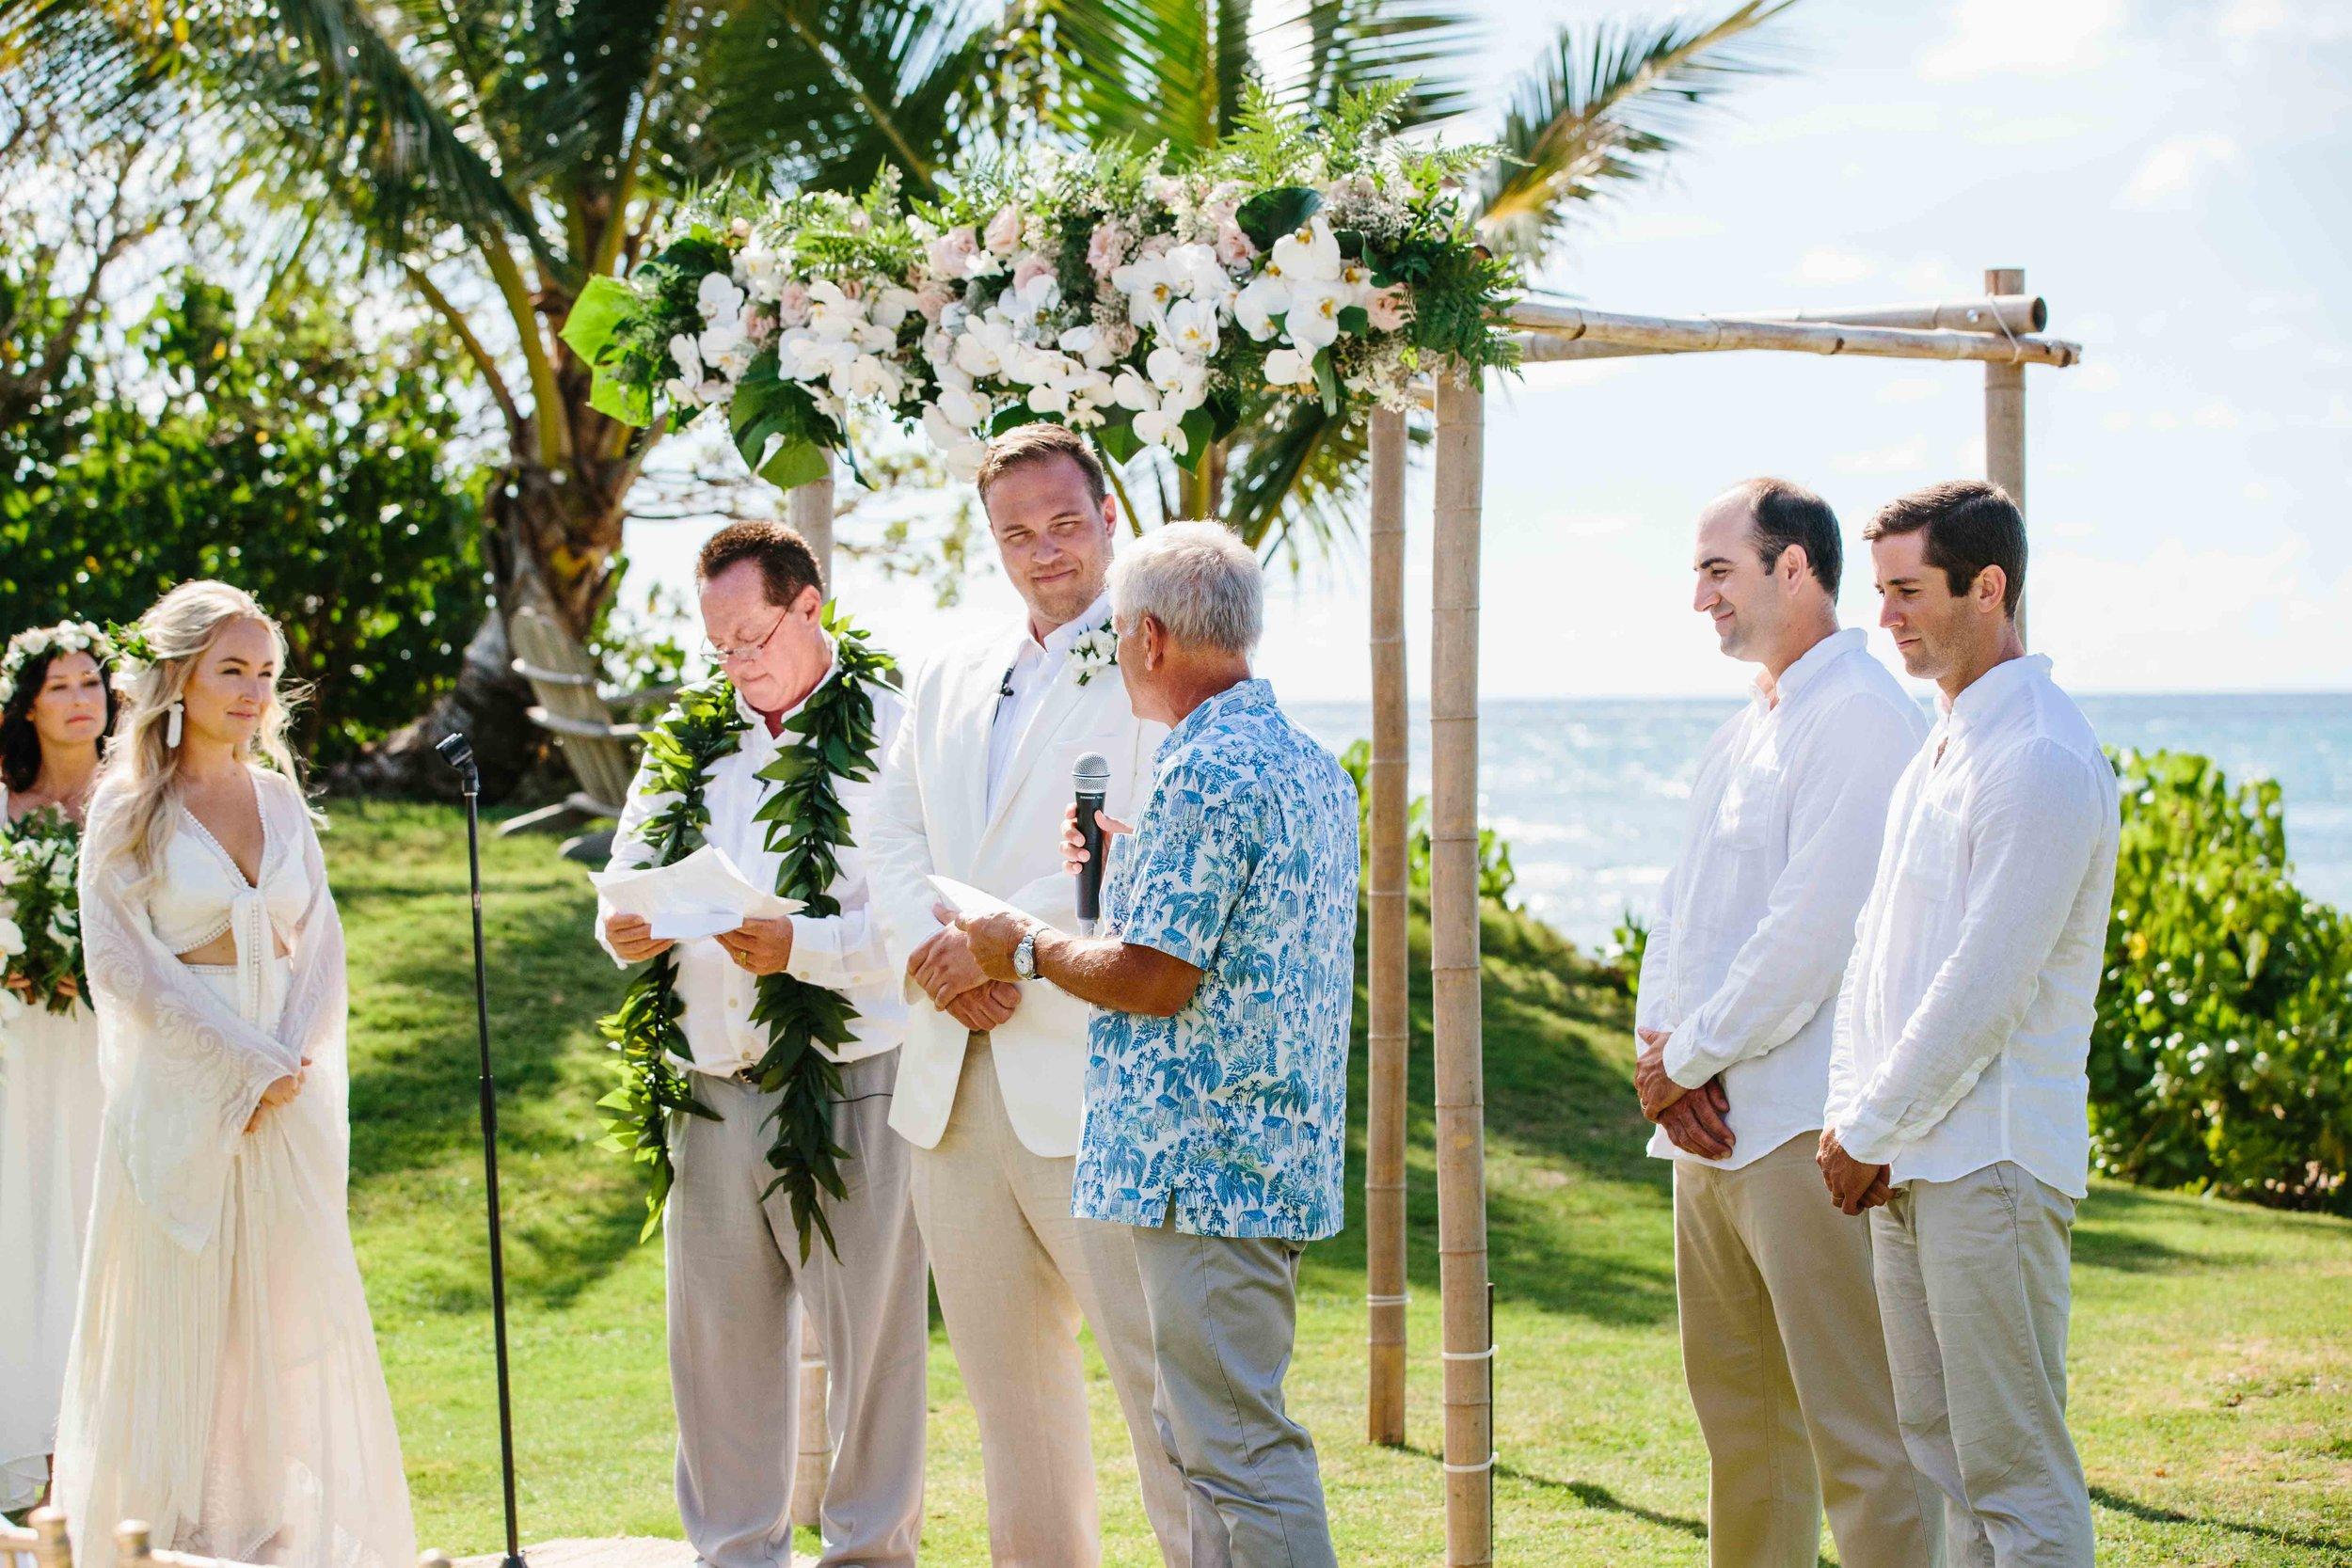 Oahu Wedding Ceremony in Haleiwa, Hawaii